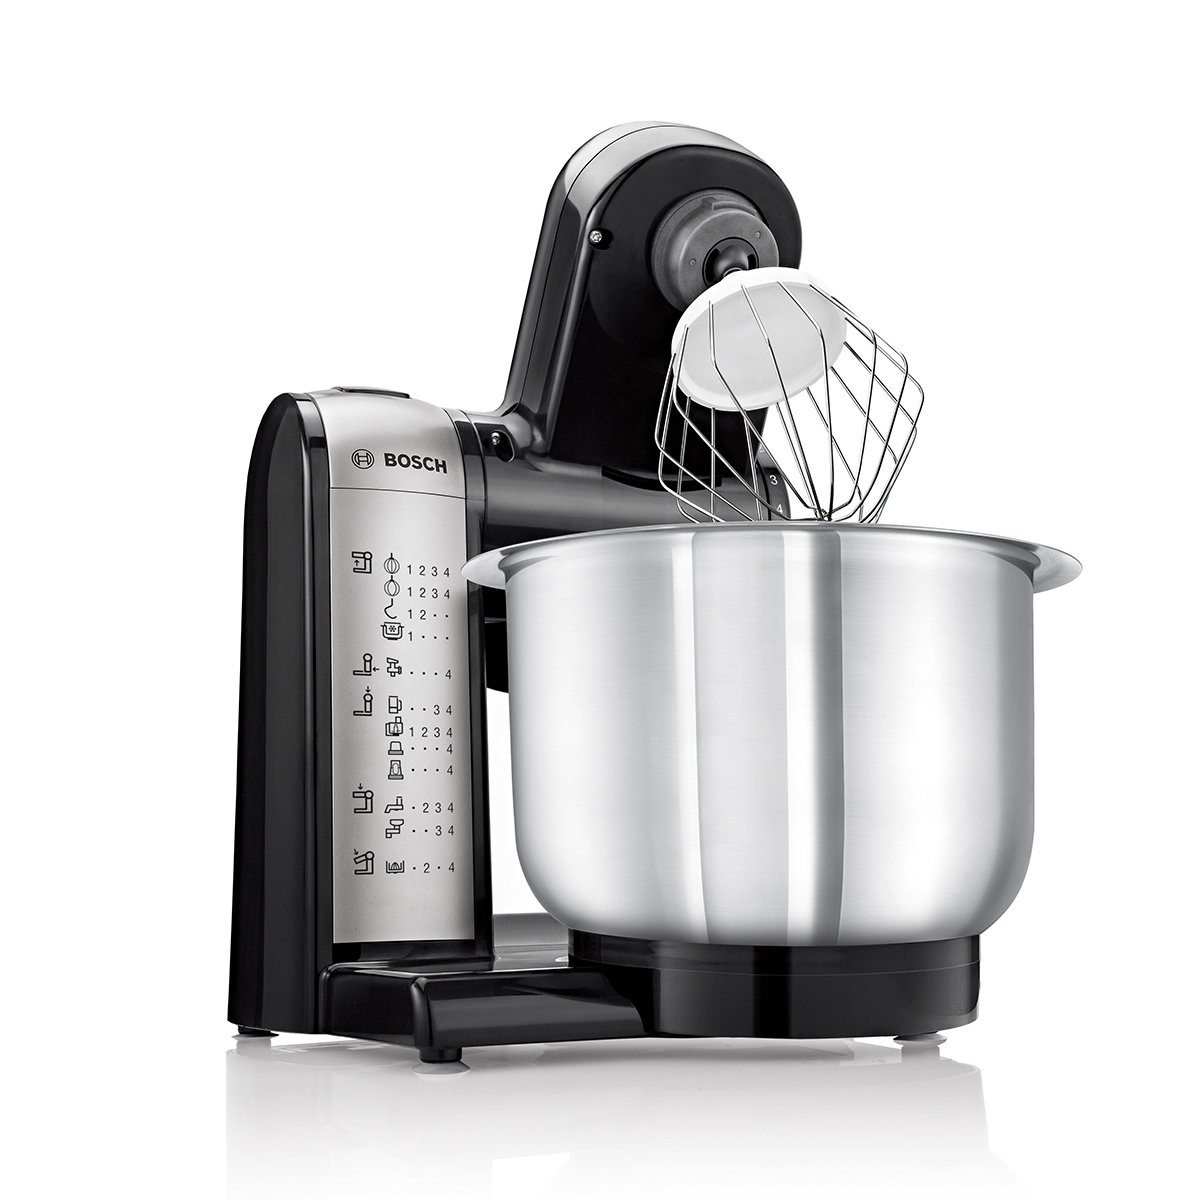 Bosch Küchenmaschine Profi 67